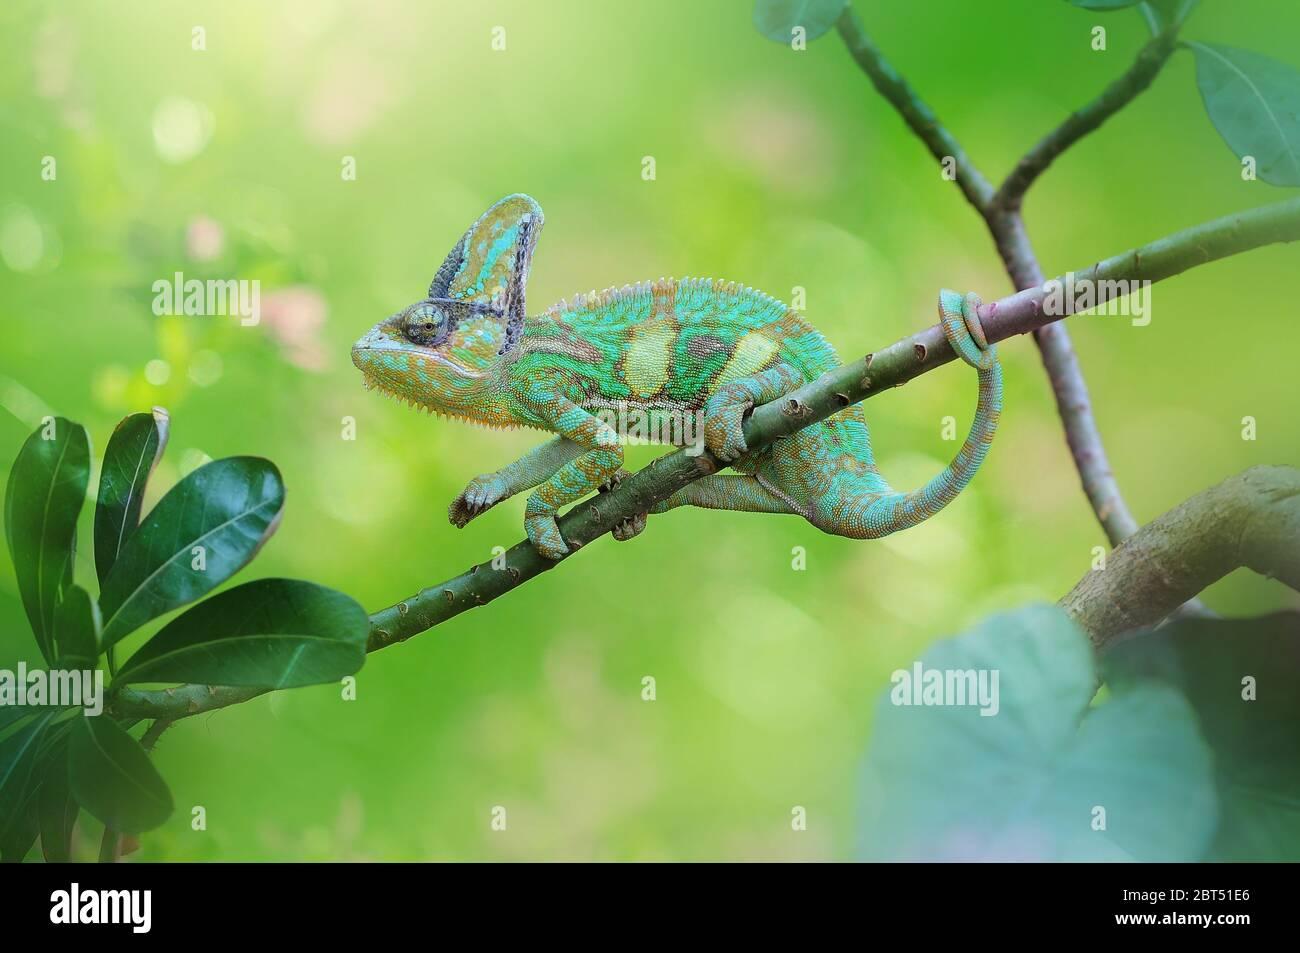 Caméléon sur une branche, l'Indonésie Banque D'Images